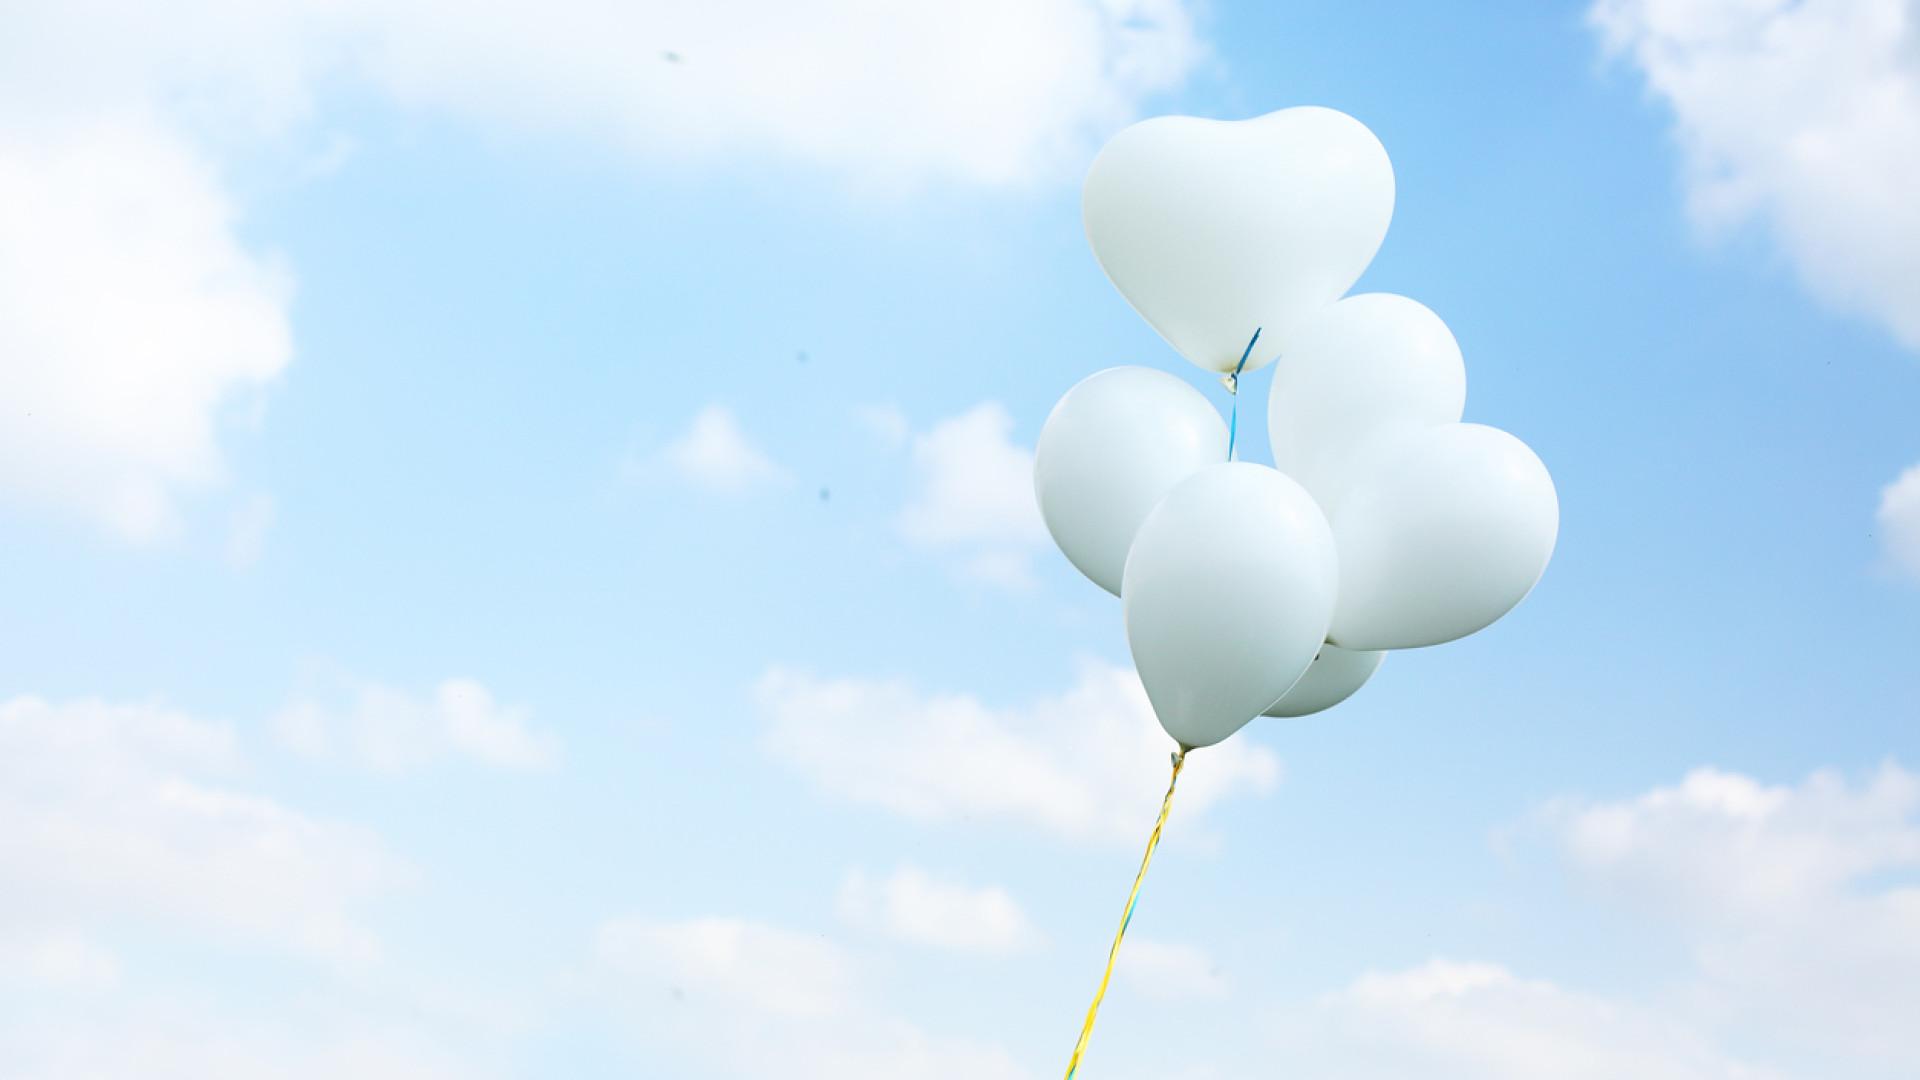 Homenagem às vítimas de Pedrógão inclui lançamento de 66 balões brancos